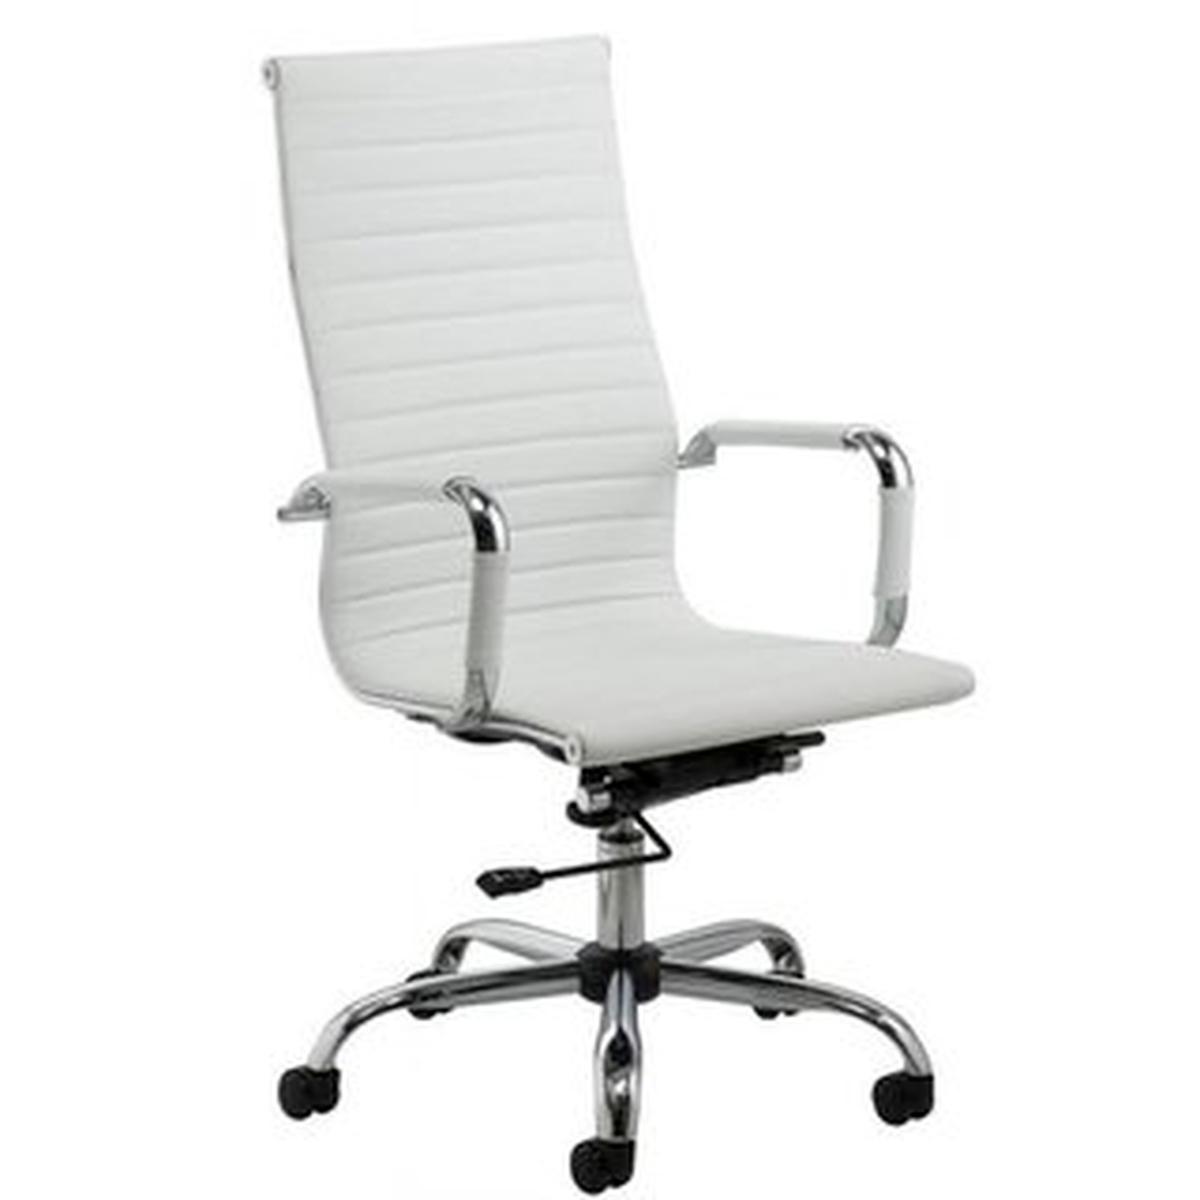 Cadeira De Escritório Stripes Presidente Branca